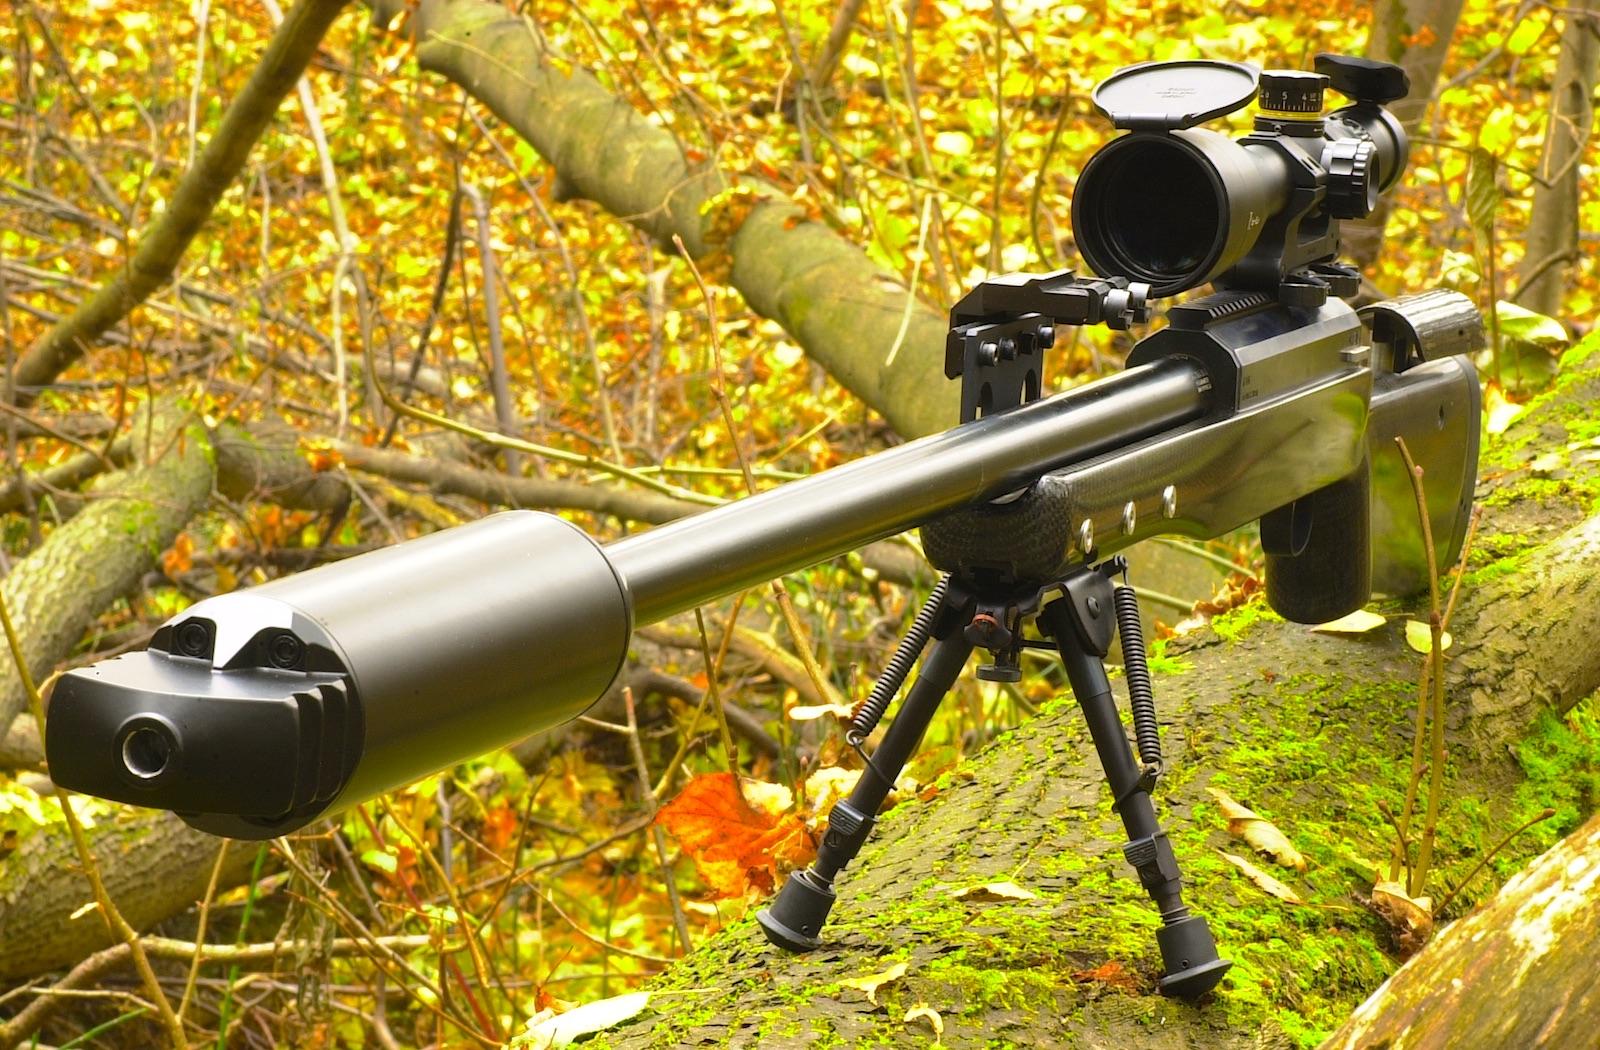 Rifle SVLK-14S